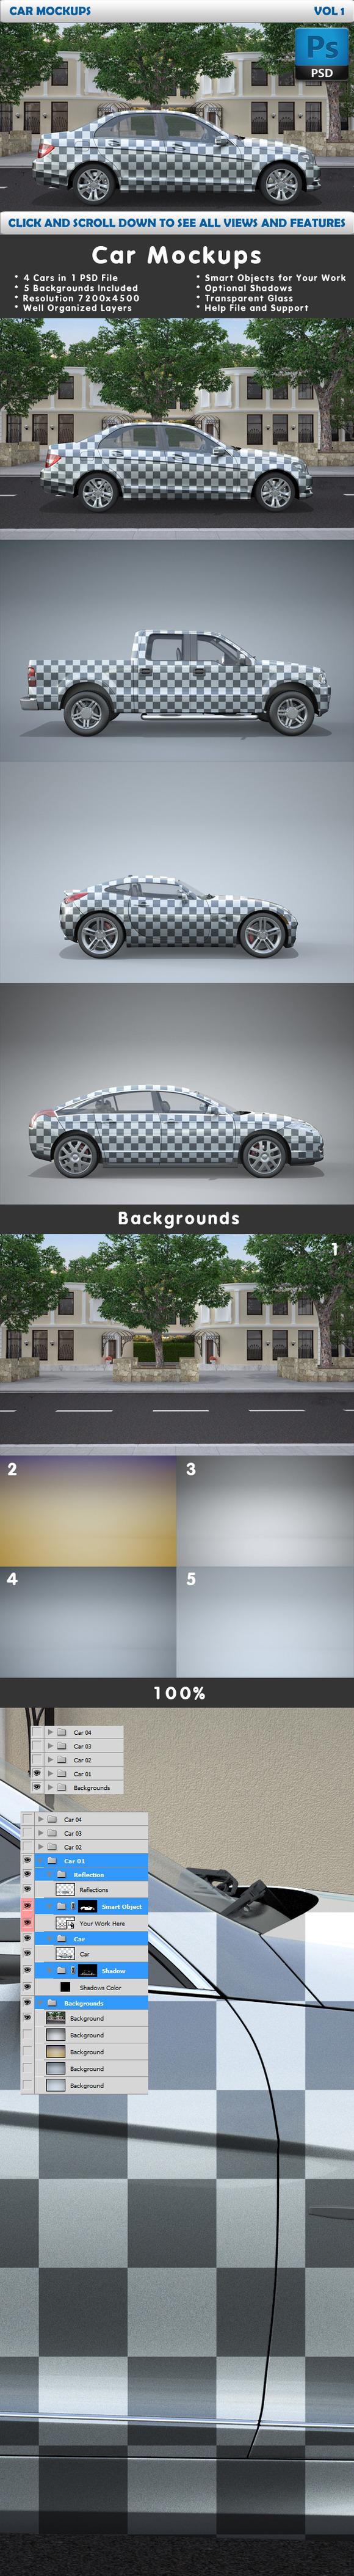 Car Mockups Vol 1 4 Car Mockups